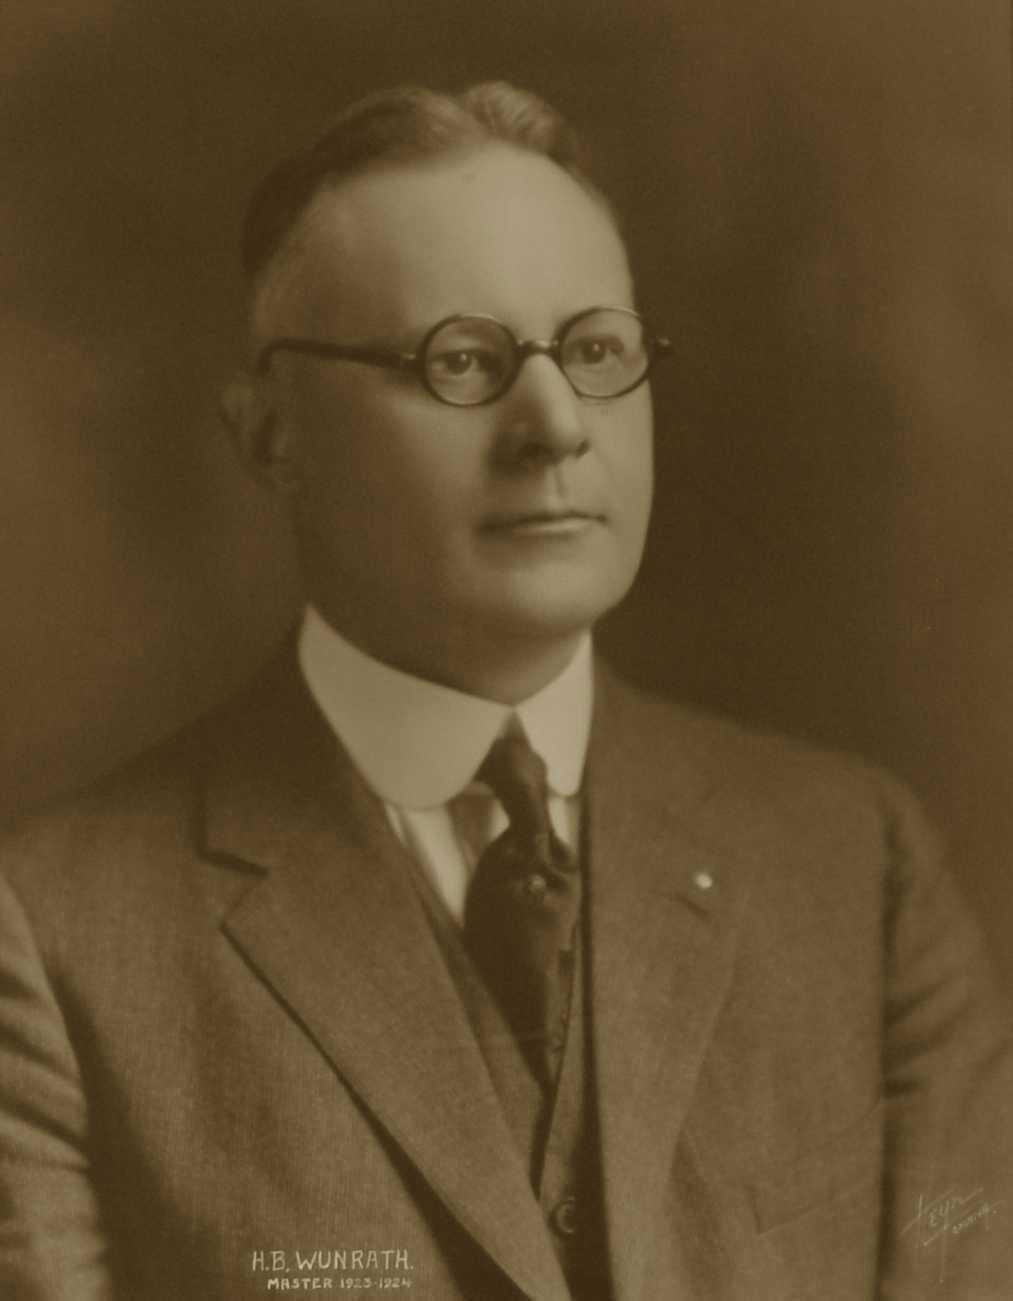 H. B. Wunrath, 1923-1924